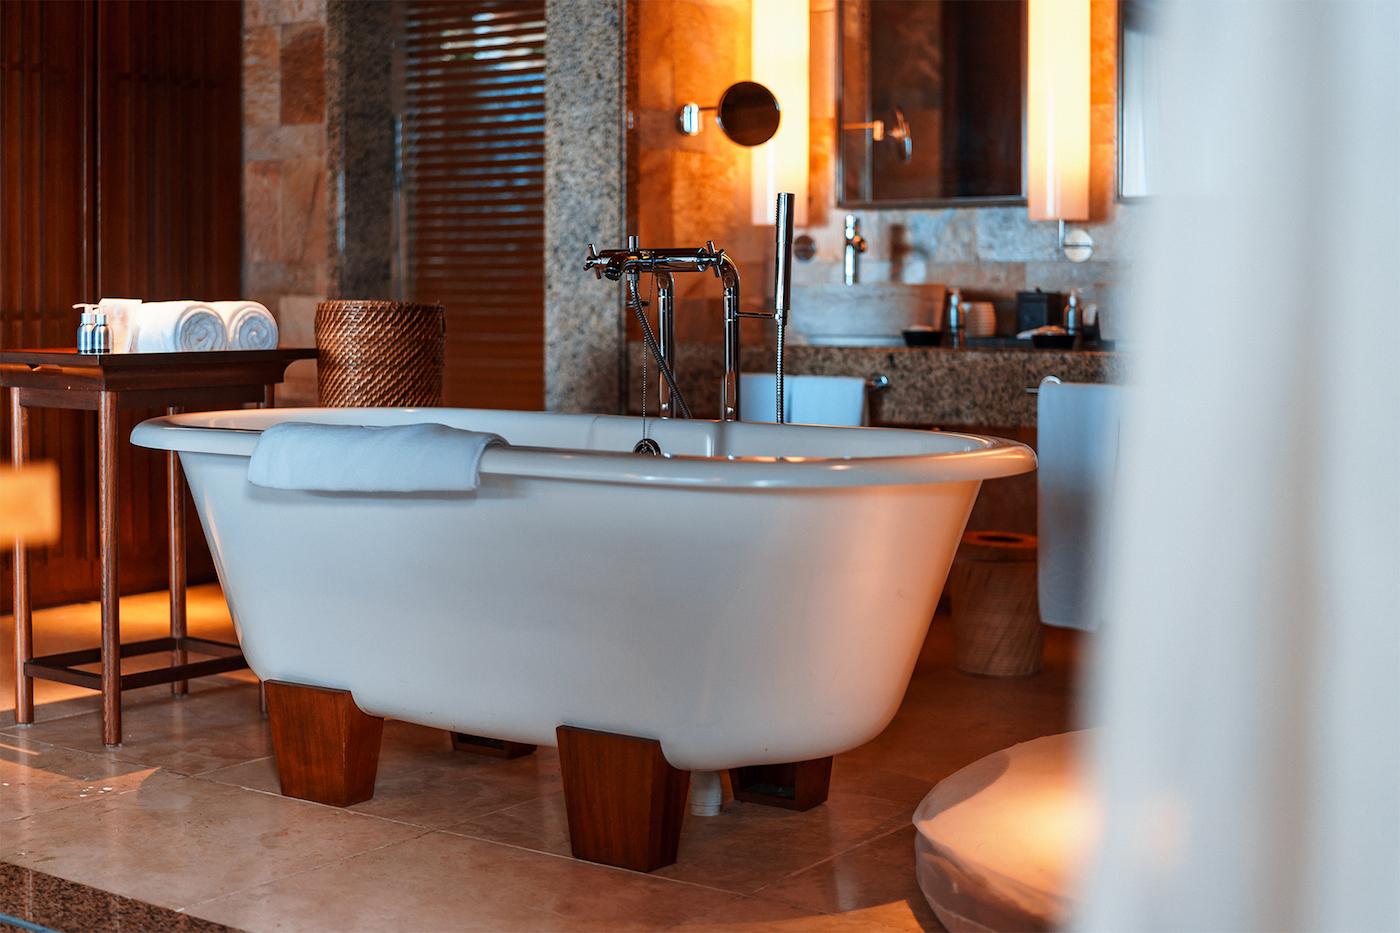 Traumurlaub im Constance Ephelia Hotel auf den Seychellen 7